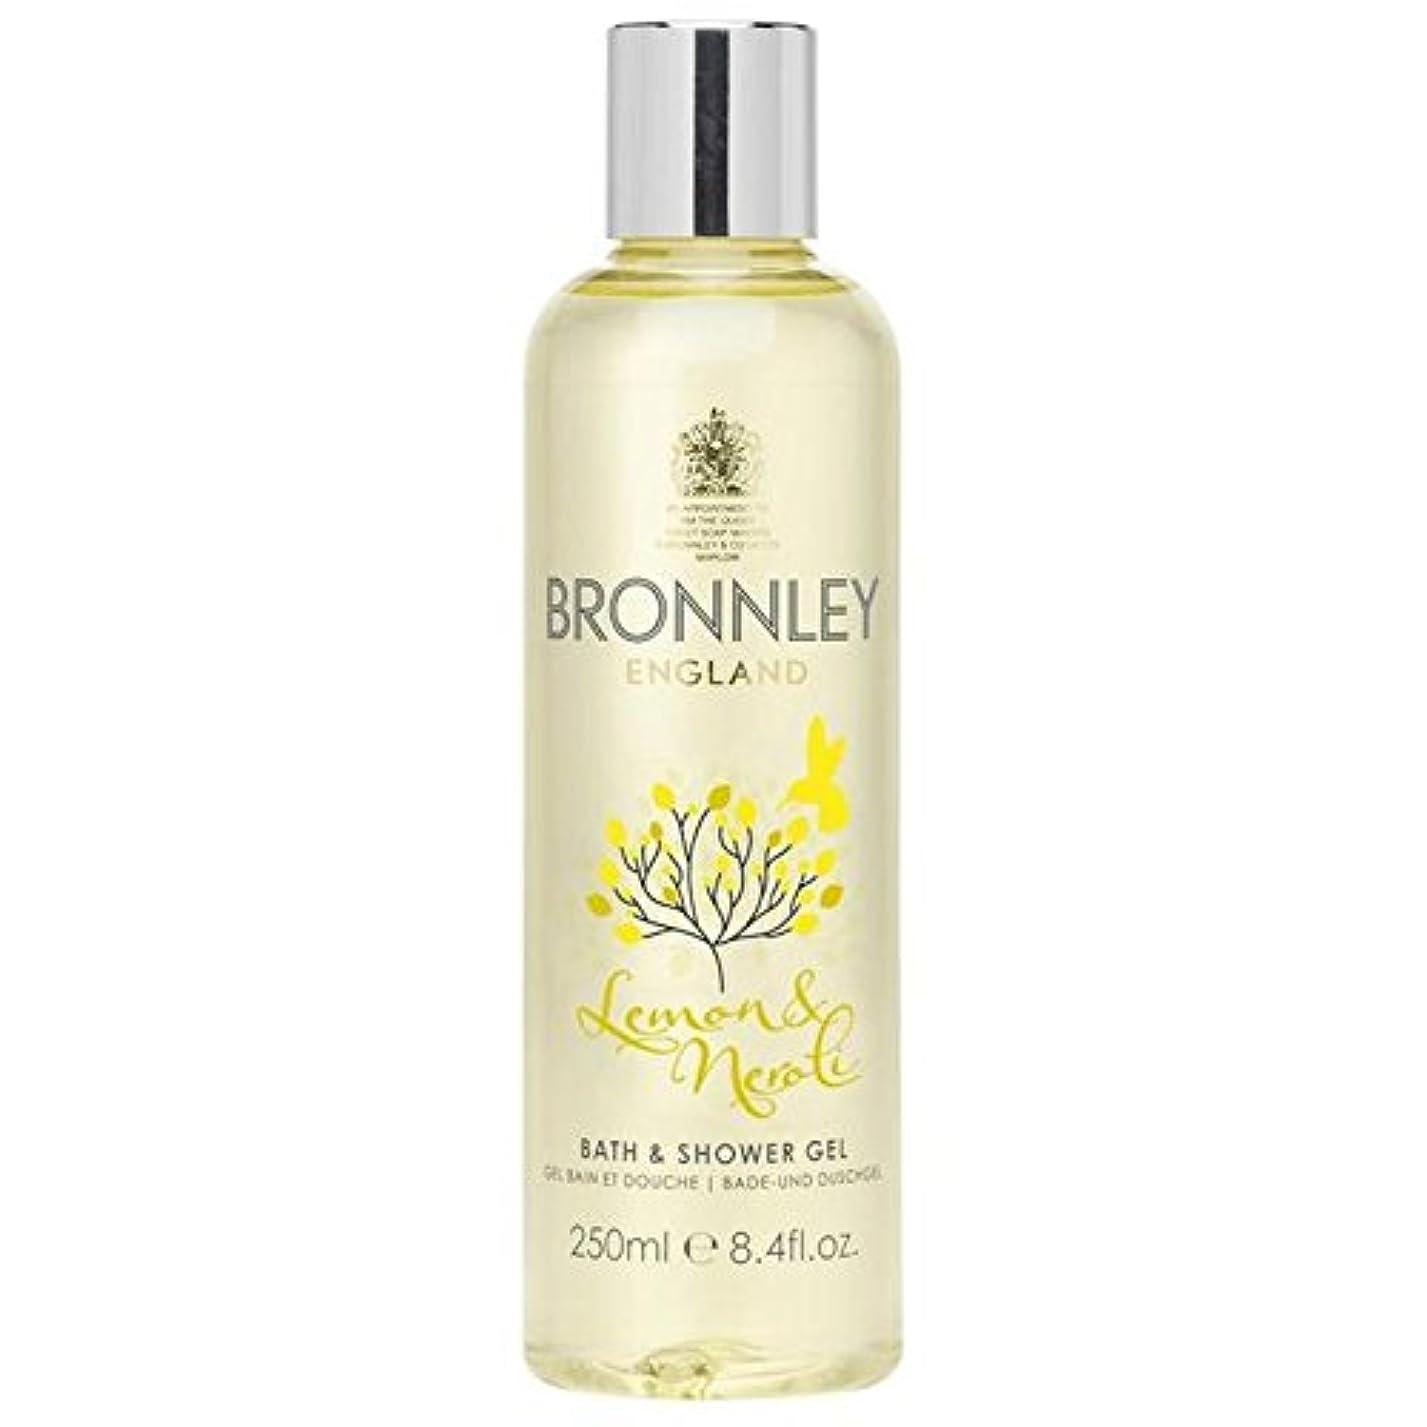 宴会みなす鰐レモン&ネロリバス&シャワージェル250ミリリットル x4 - Bronnley Lemon & Neroli Bath & Shower Gel 250ml (Pack of 4) [並行輸入品]